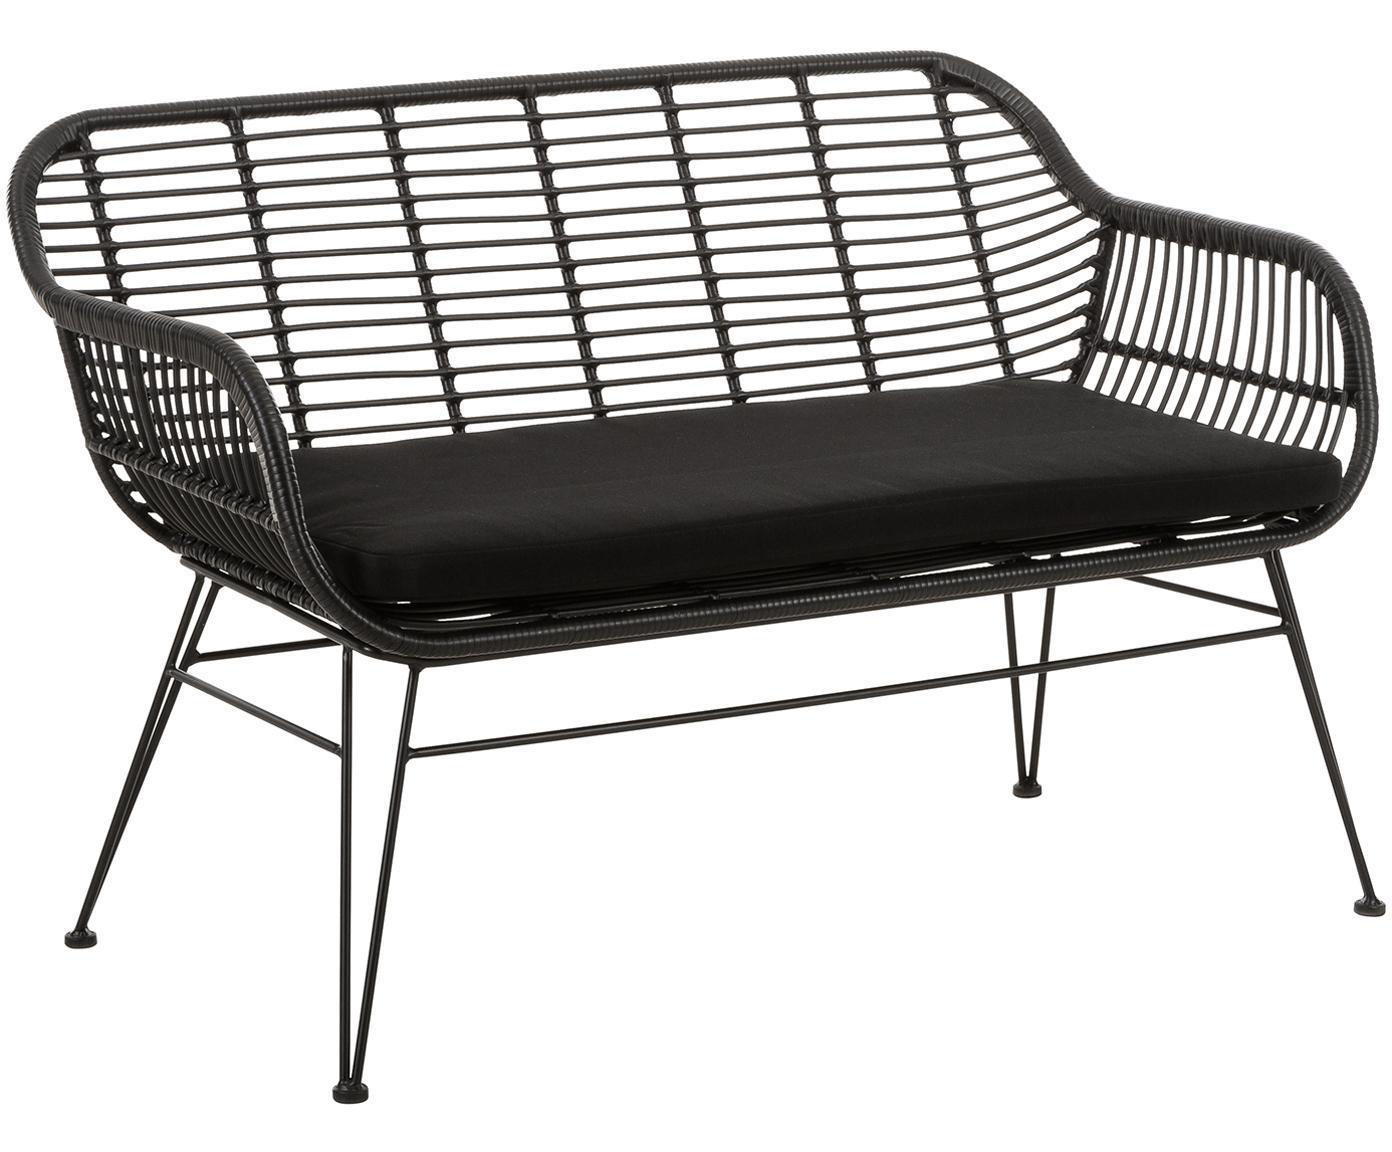 Garten-Sitzbank Costa mit Polyrattan, Sitzfläche: Polyethylen-Geflecht, Gestell: Metall, pulverbeschichtet, Schwarz, B 126 x T 68 cm